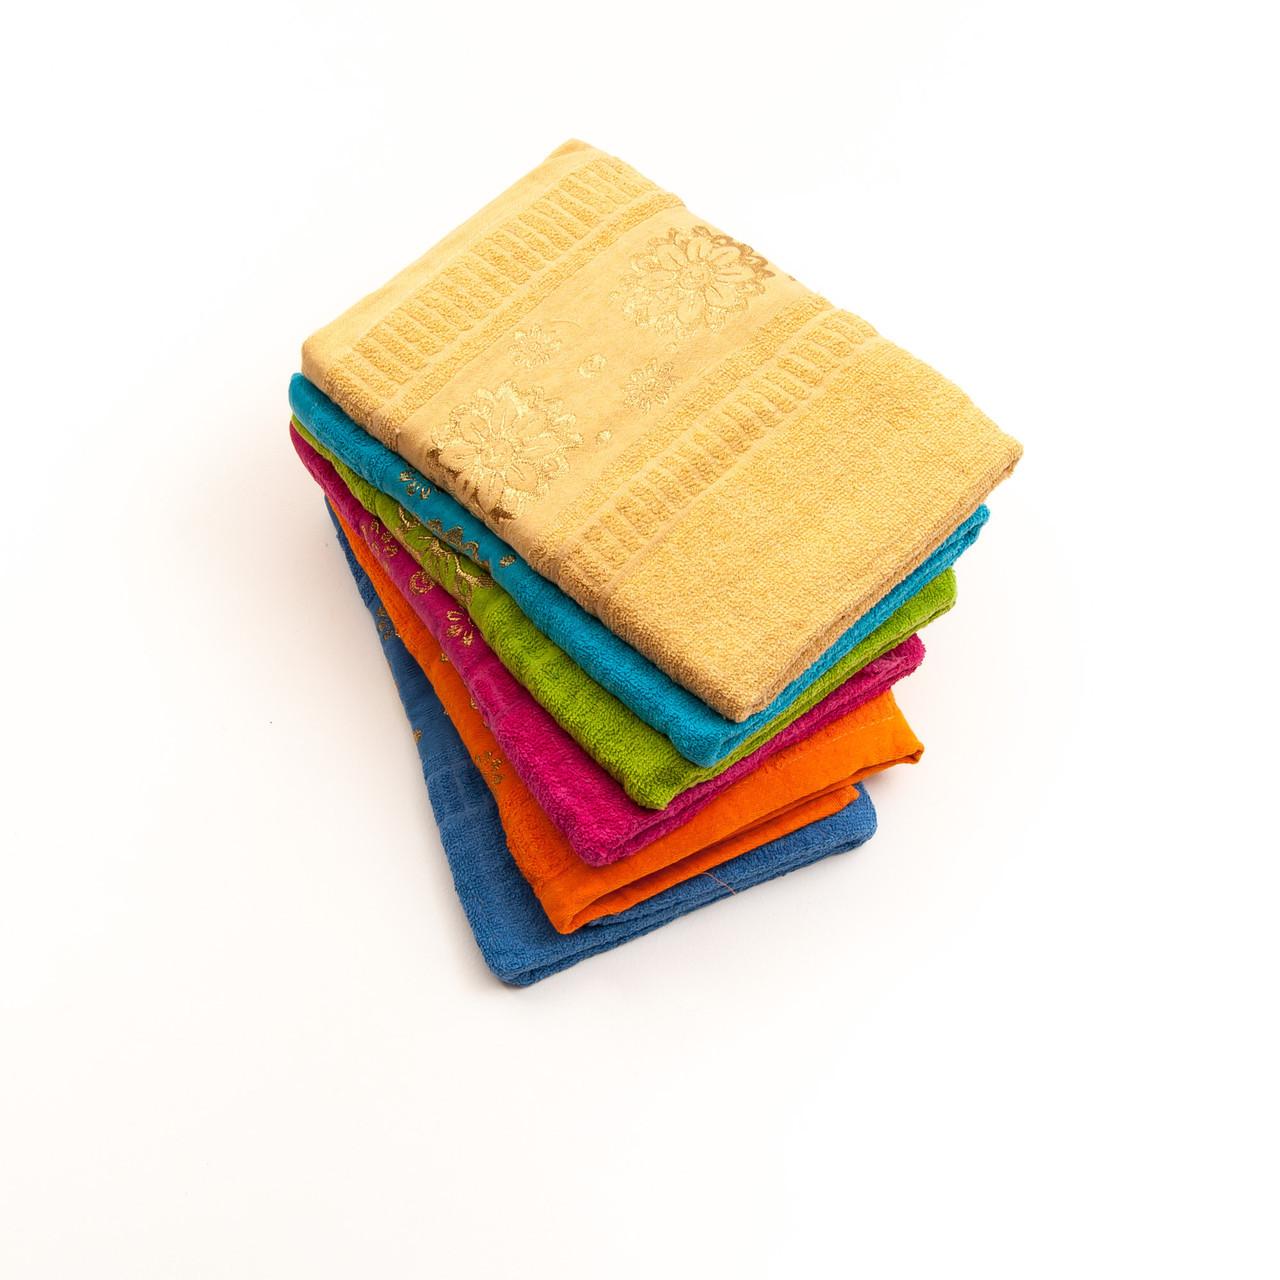 Банное махровое полотенце с узором. В упаковке 6 шт разного цвета. Размер 130х65